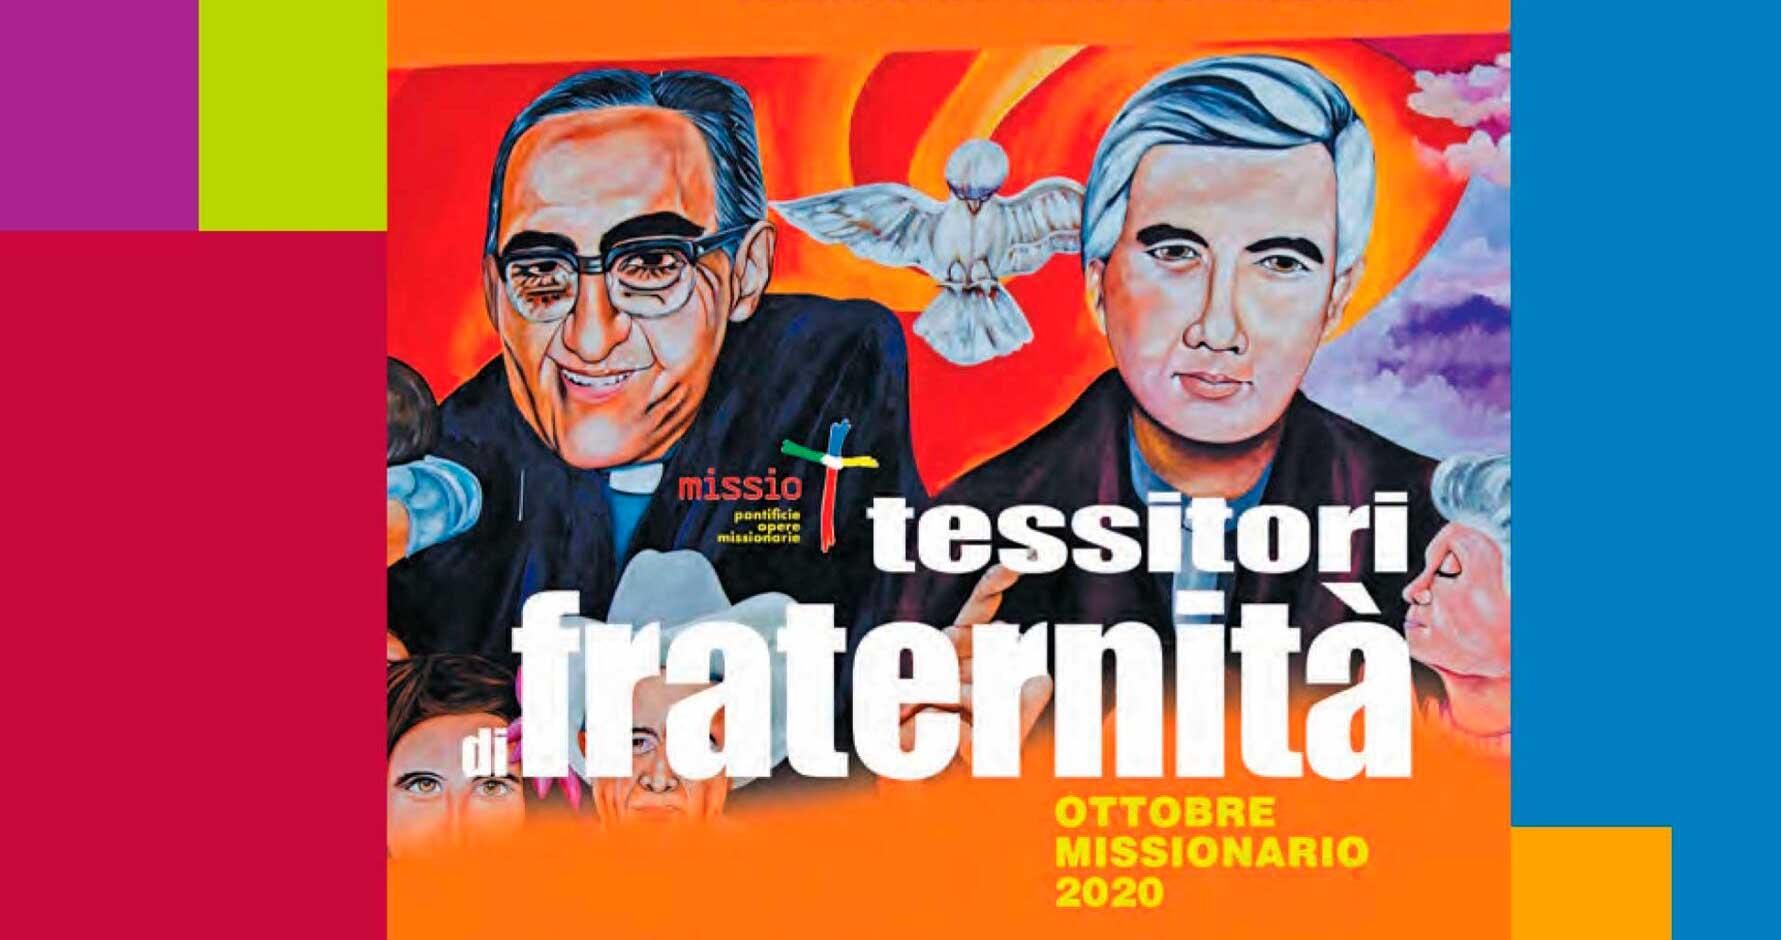 Ottobre missionario 2020